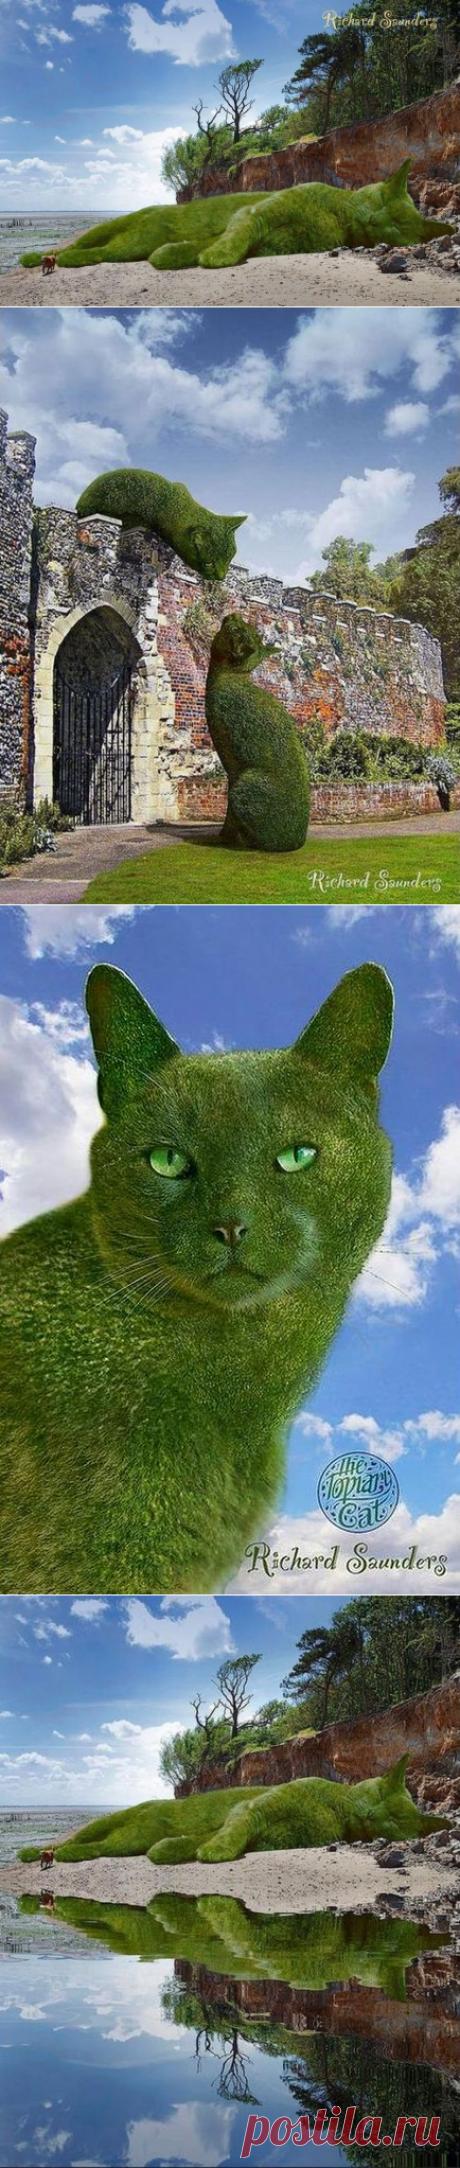 Ландшафтные коты и Садовник. Фотохудожник Rich Saunders.